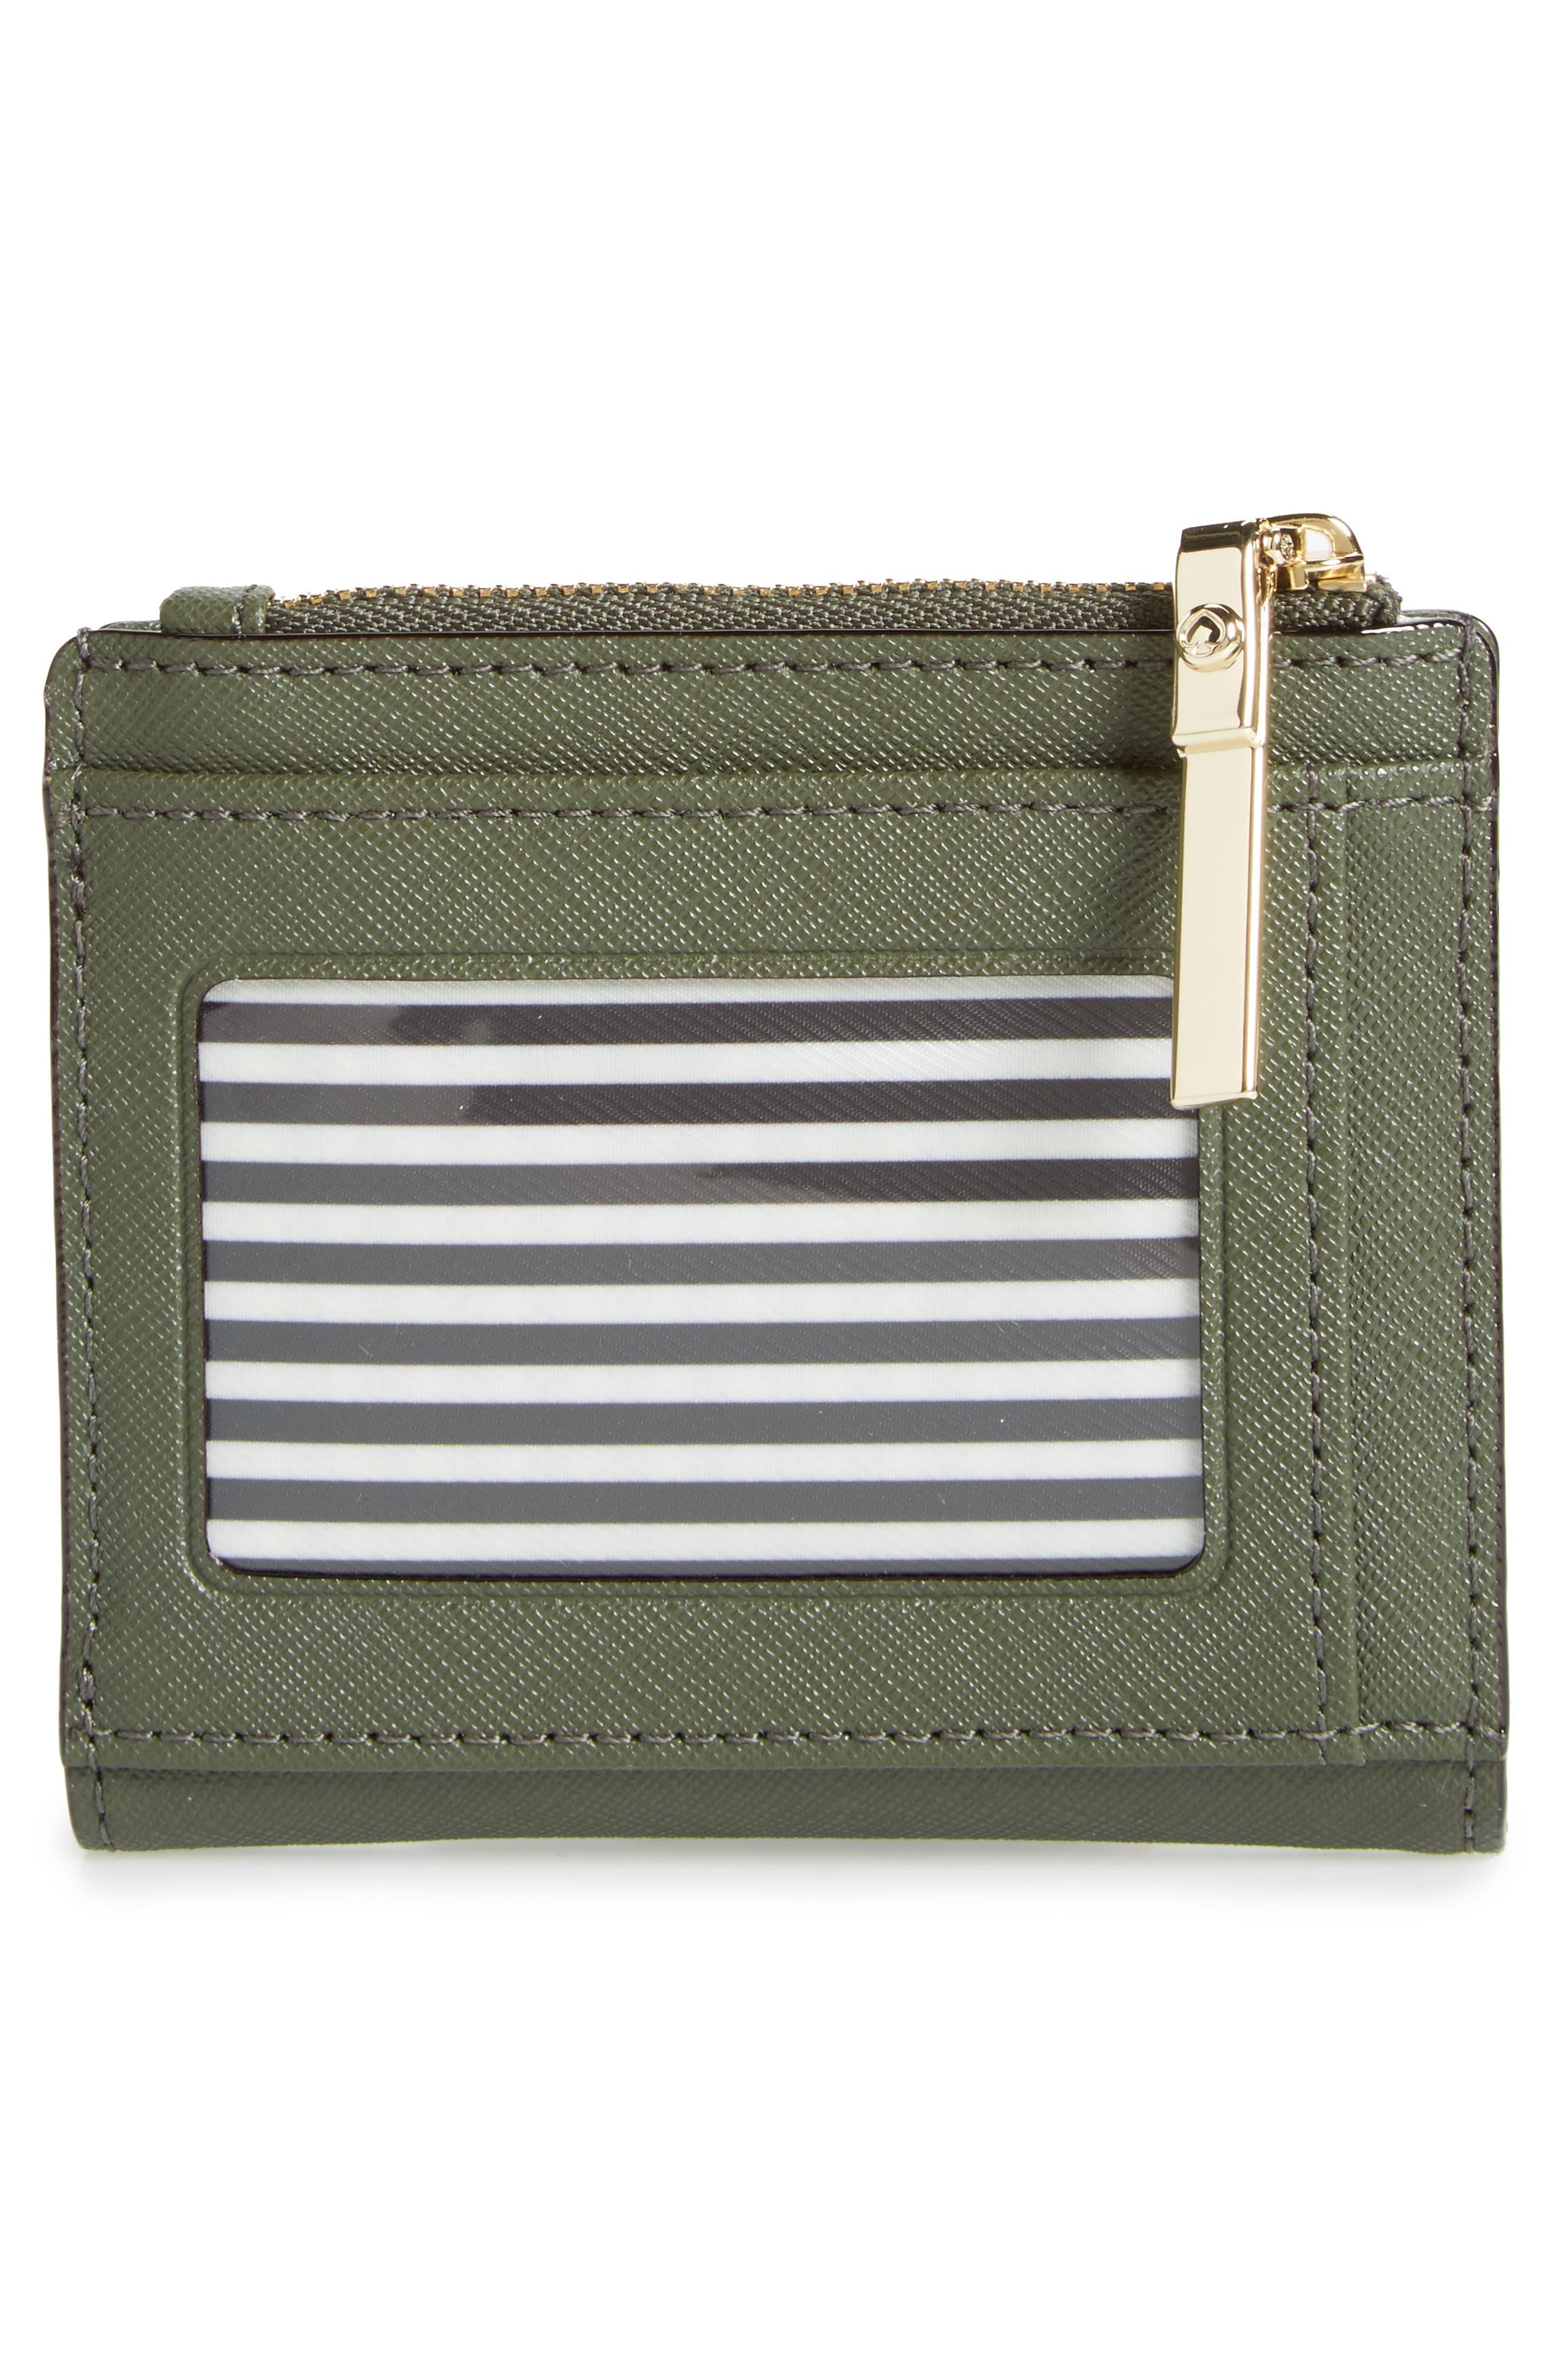 cameron street - adalyn slim leather wallet,                             Alternate thumbnail 4, color,                             300